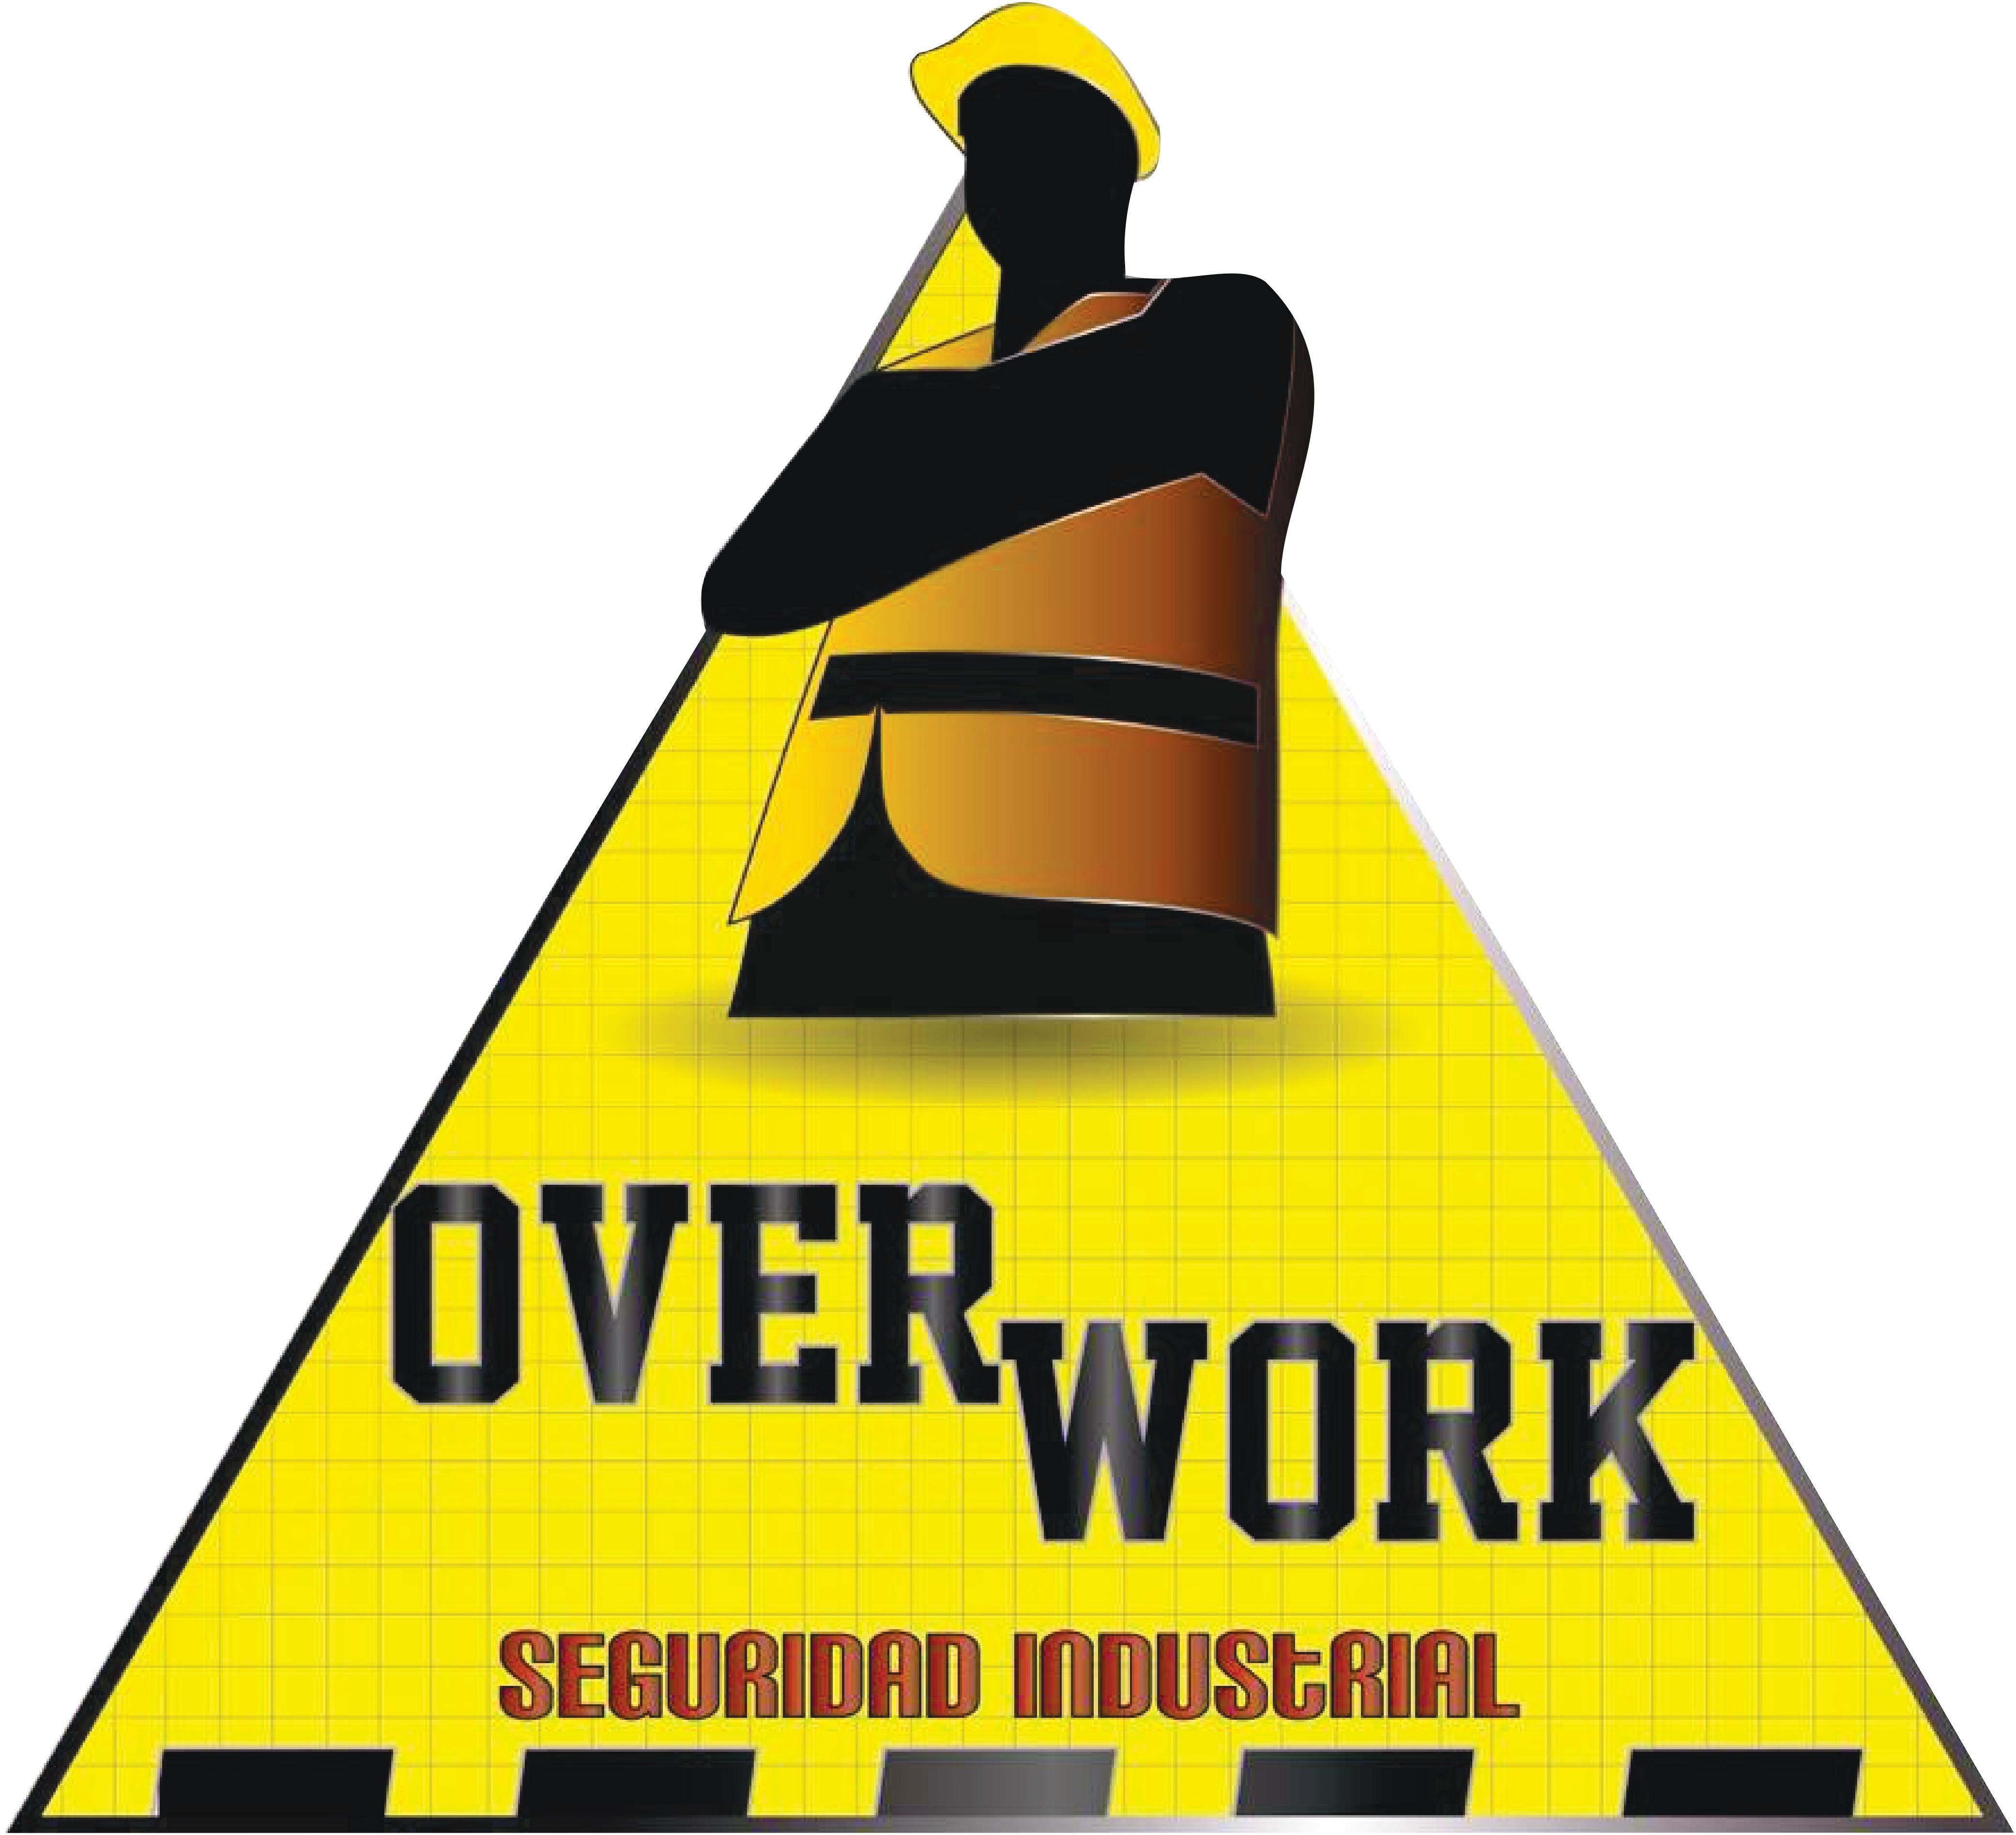 Overwork Seguridad Industrial